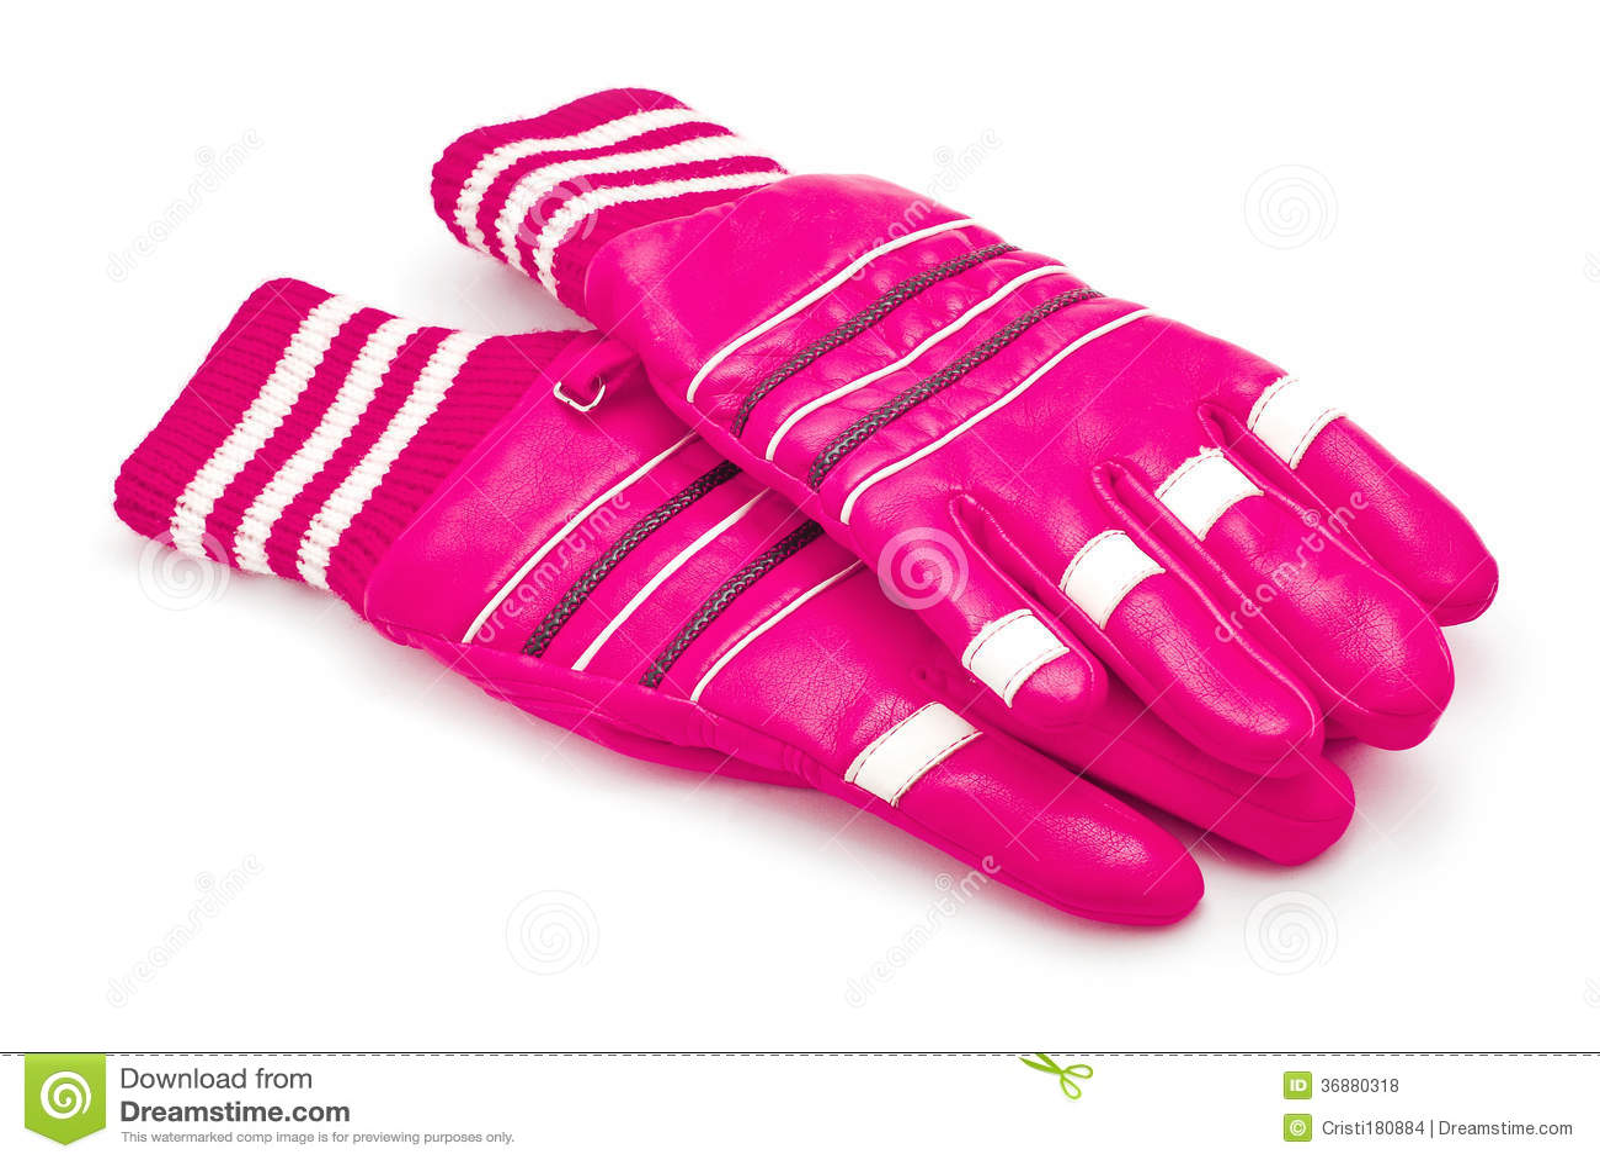 Download Guanti di inverno fotografia stock. Immagine di pink - 36880318